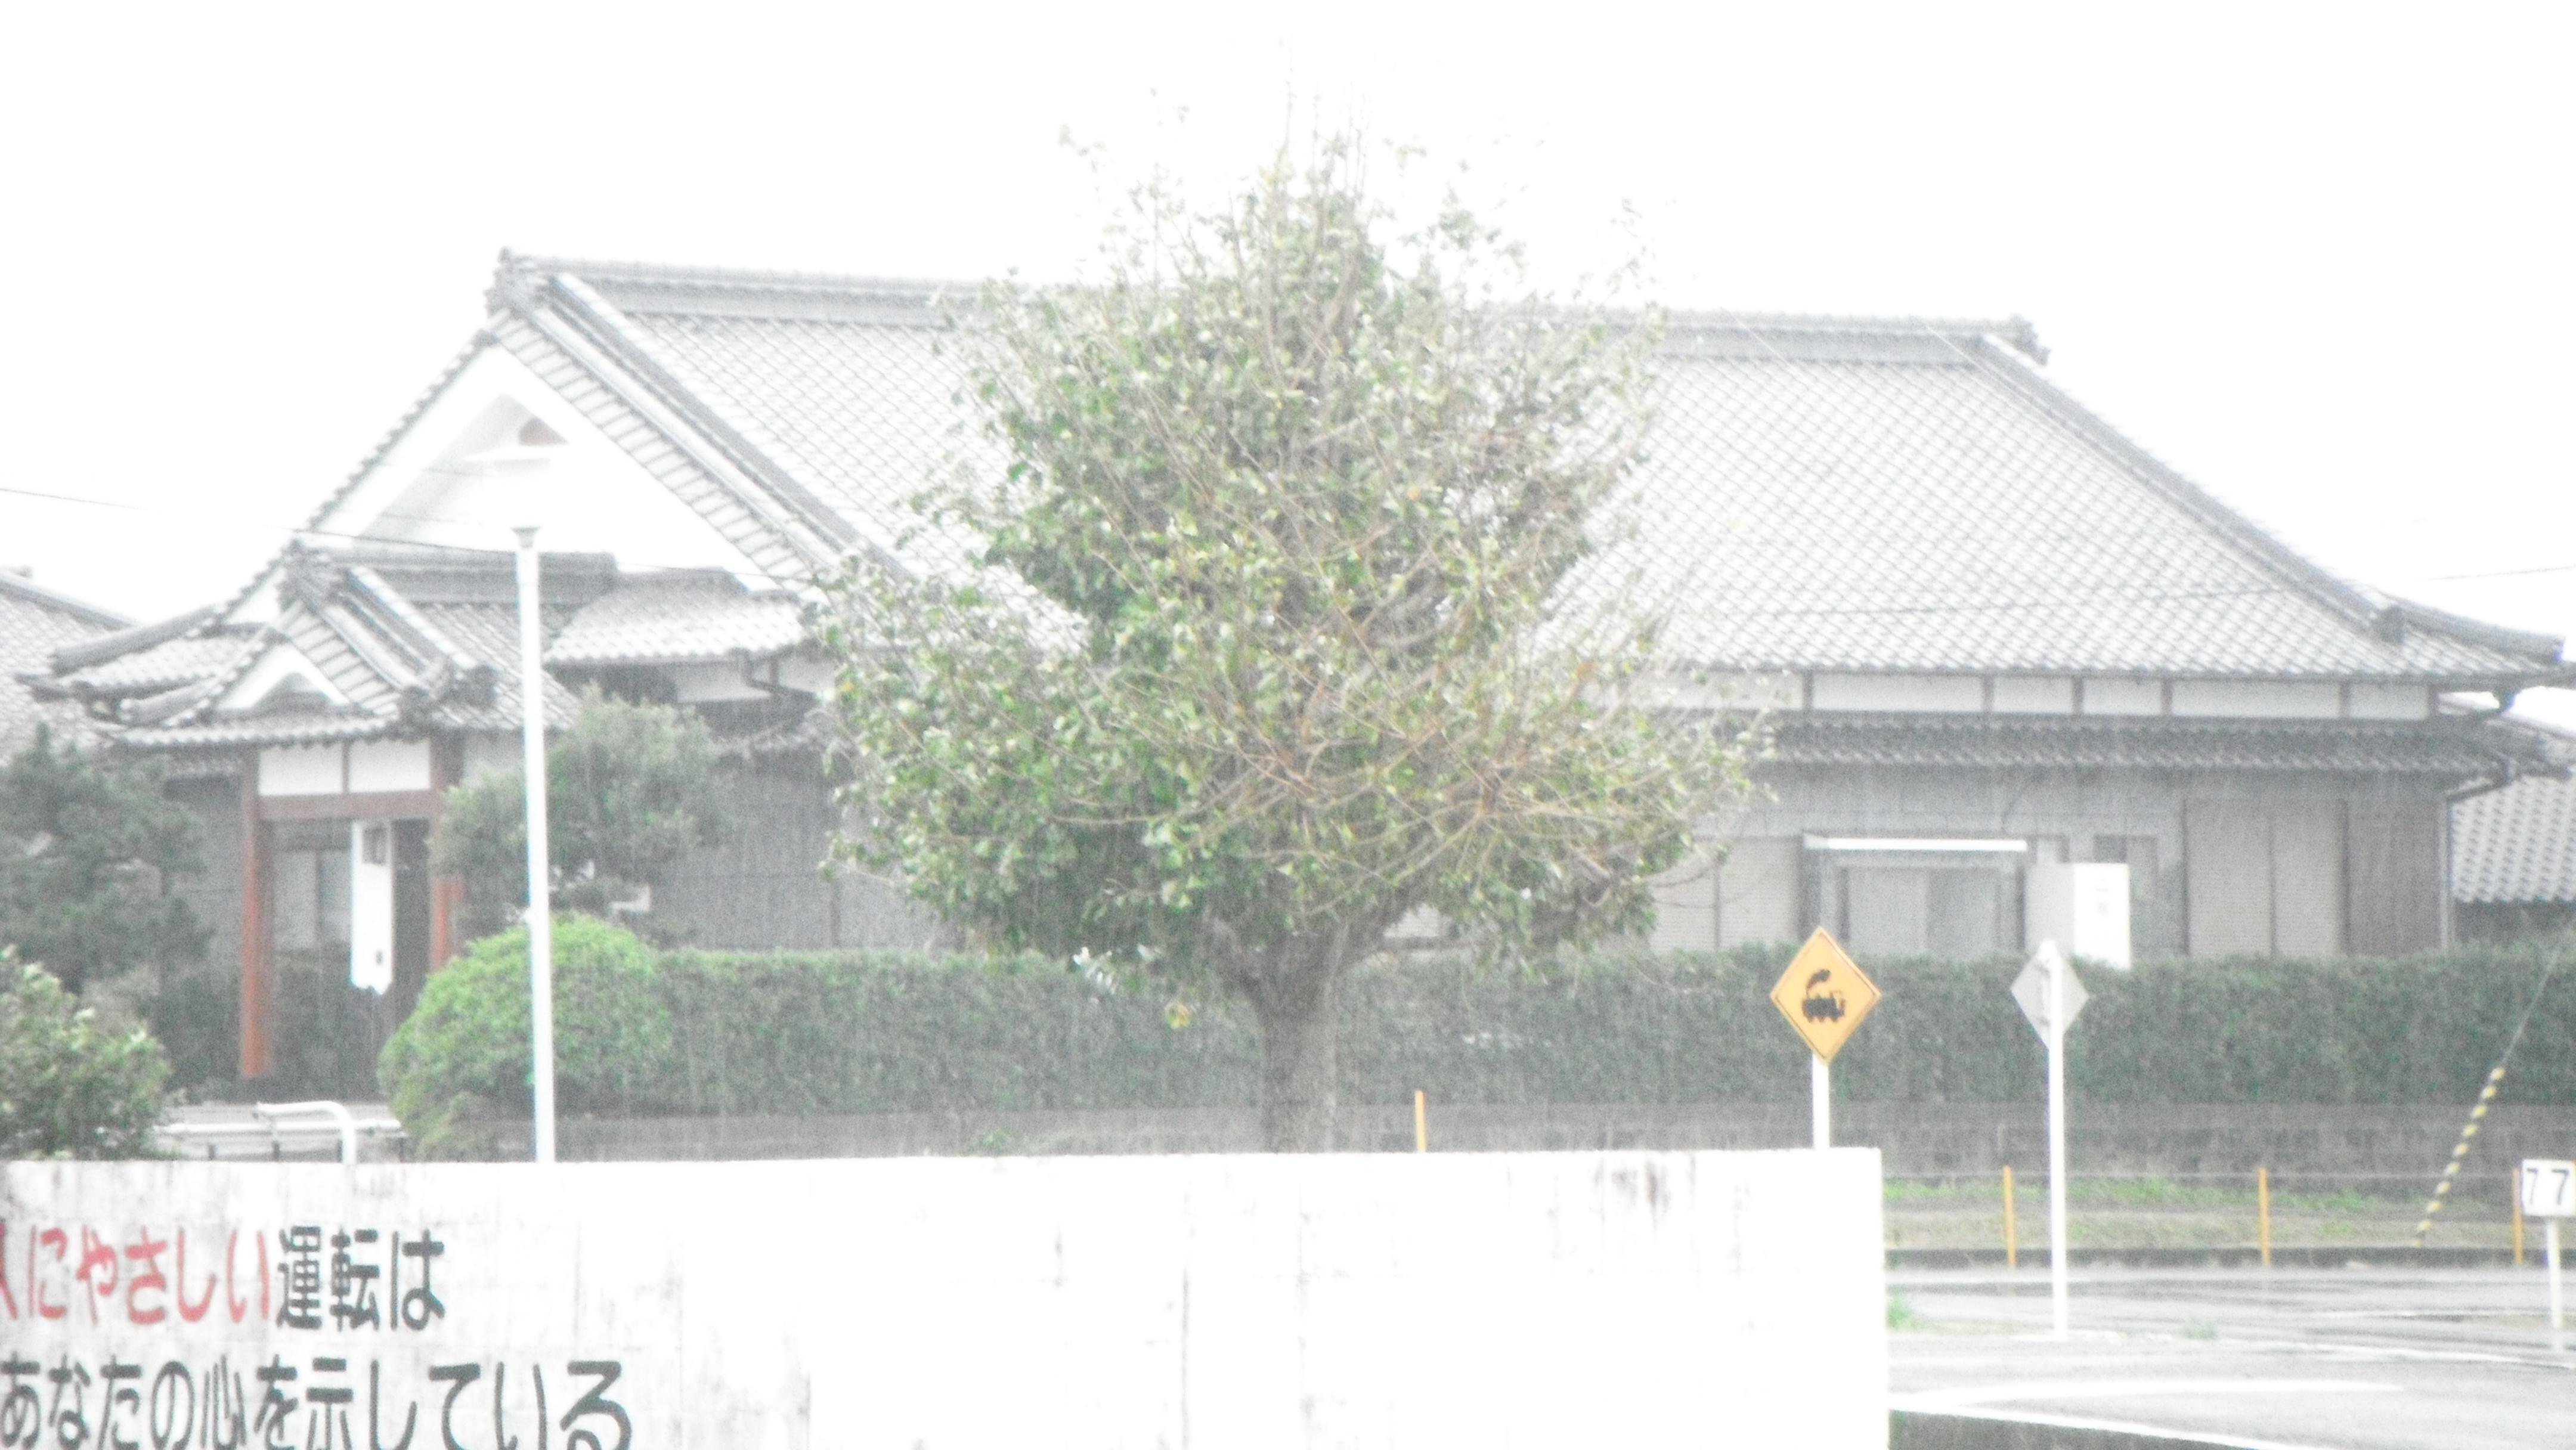 DSCF0568